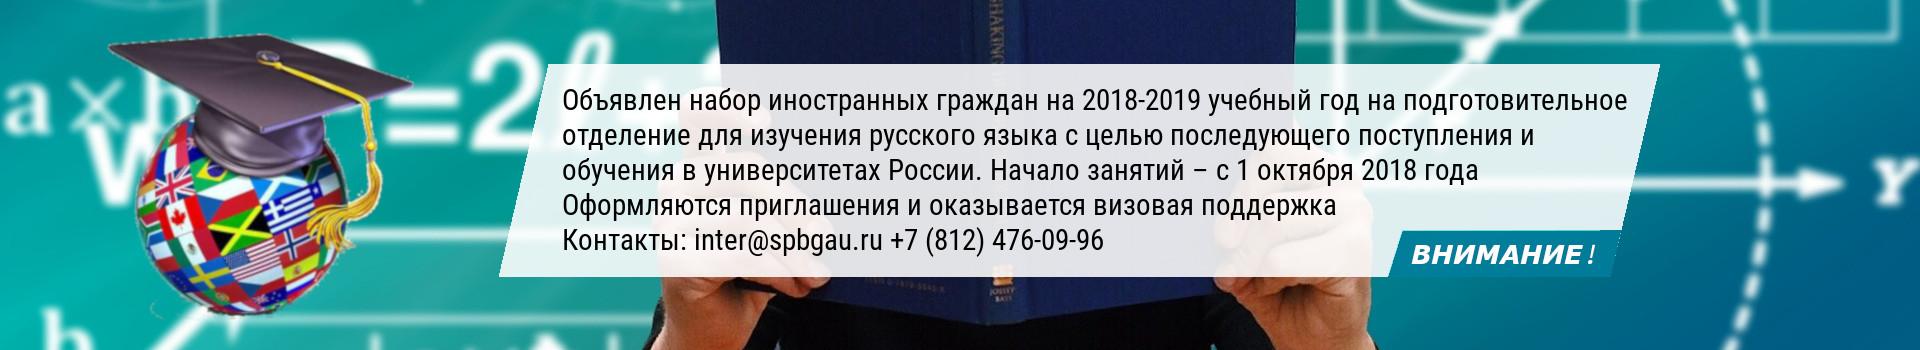 ВНИМАНИЕ! Объявлен набор на 2018-2019 учебный год на подготовительные курсы для иностранных граждан (русский язык, математика, биология, история) Начало занятий – 1 октября 2018 года Контакты: inter@spbgau.ru +7 (812) 476 09 96